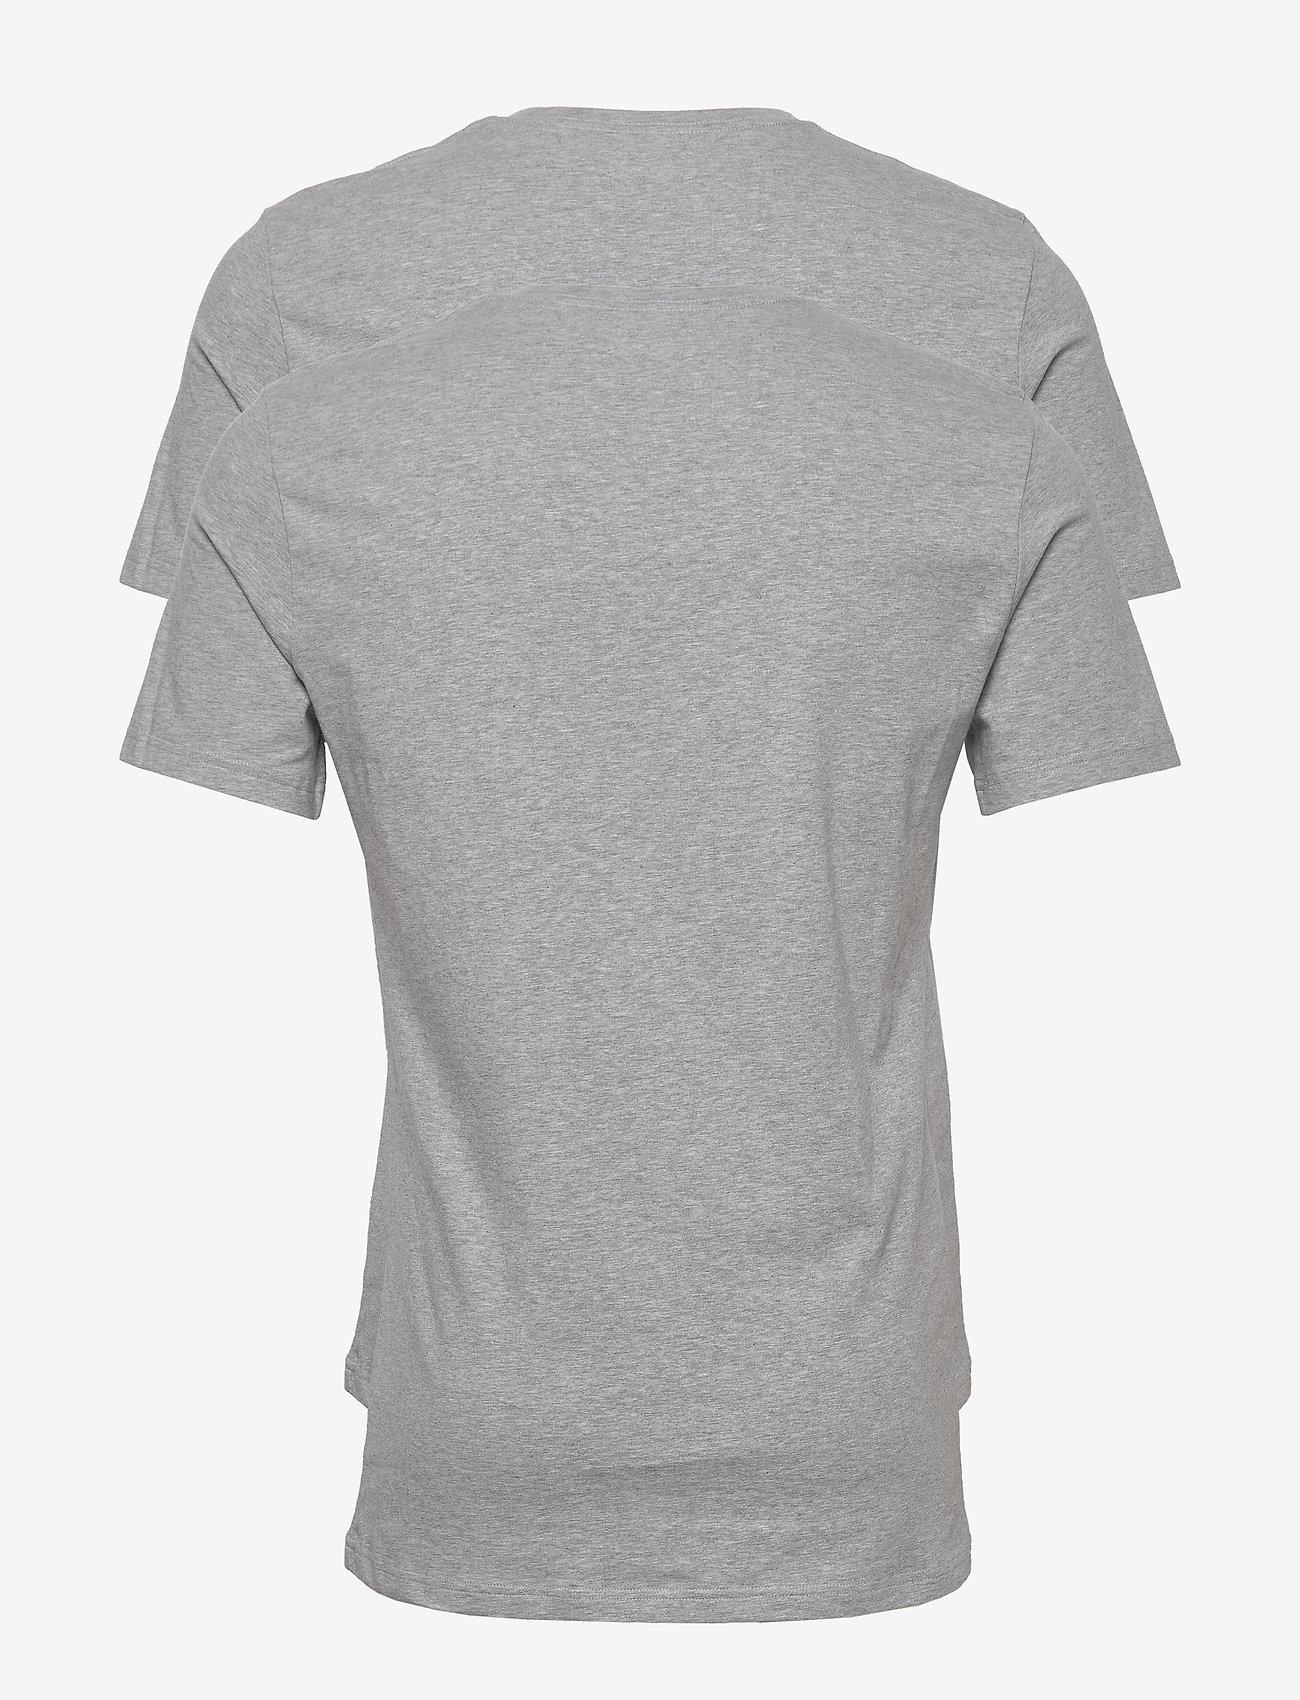 Bread & Boxers 2-Pack Crew Neck - T-skjorter GREY MELANGE - Menn Klær